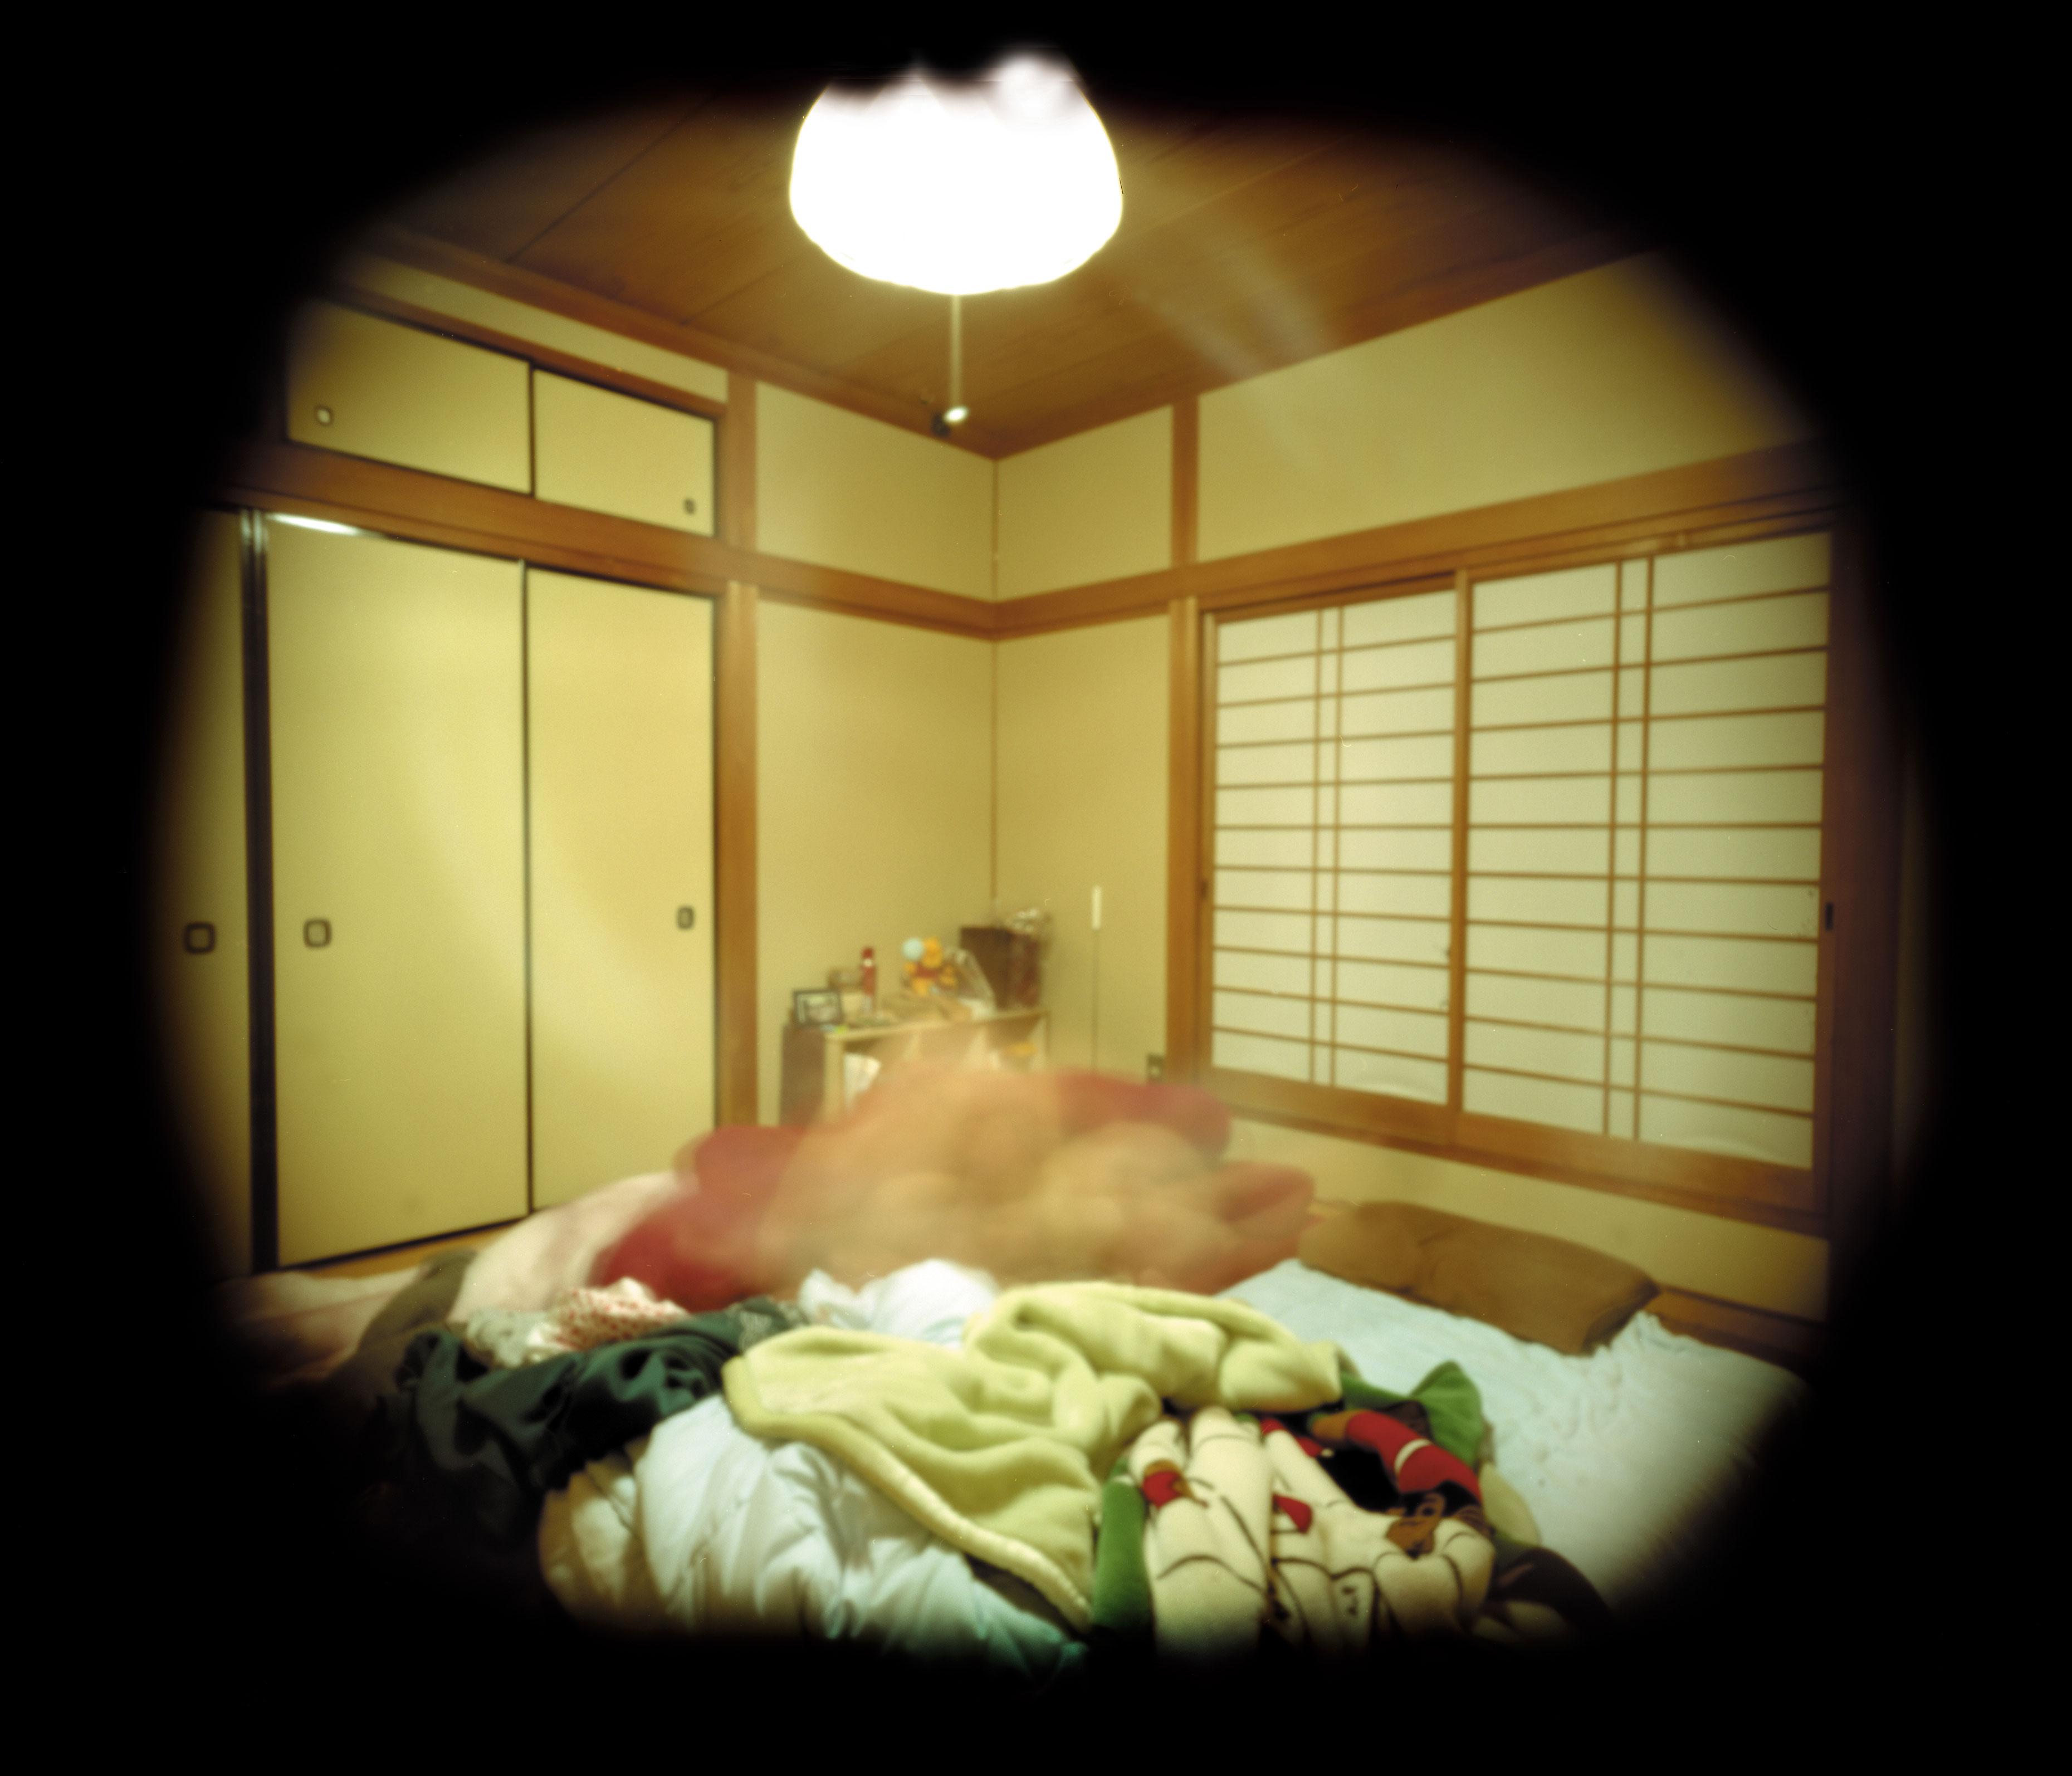 ピンホールカメラの長時間露光で、男女の行為を撮影した〈P*in hole〉シリーズ。《OSAKA / 08:24》(上)、《KYOTO / 13:30》(下)